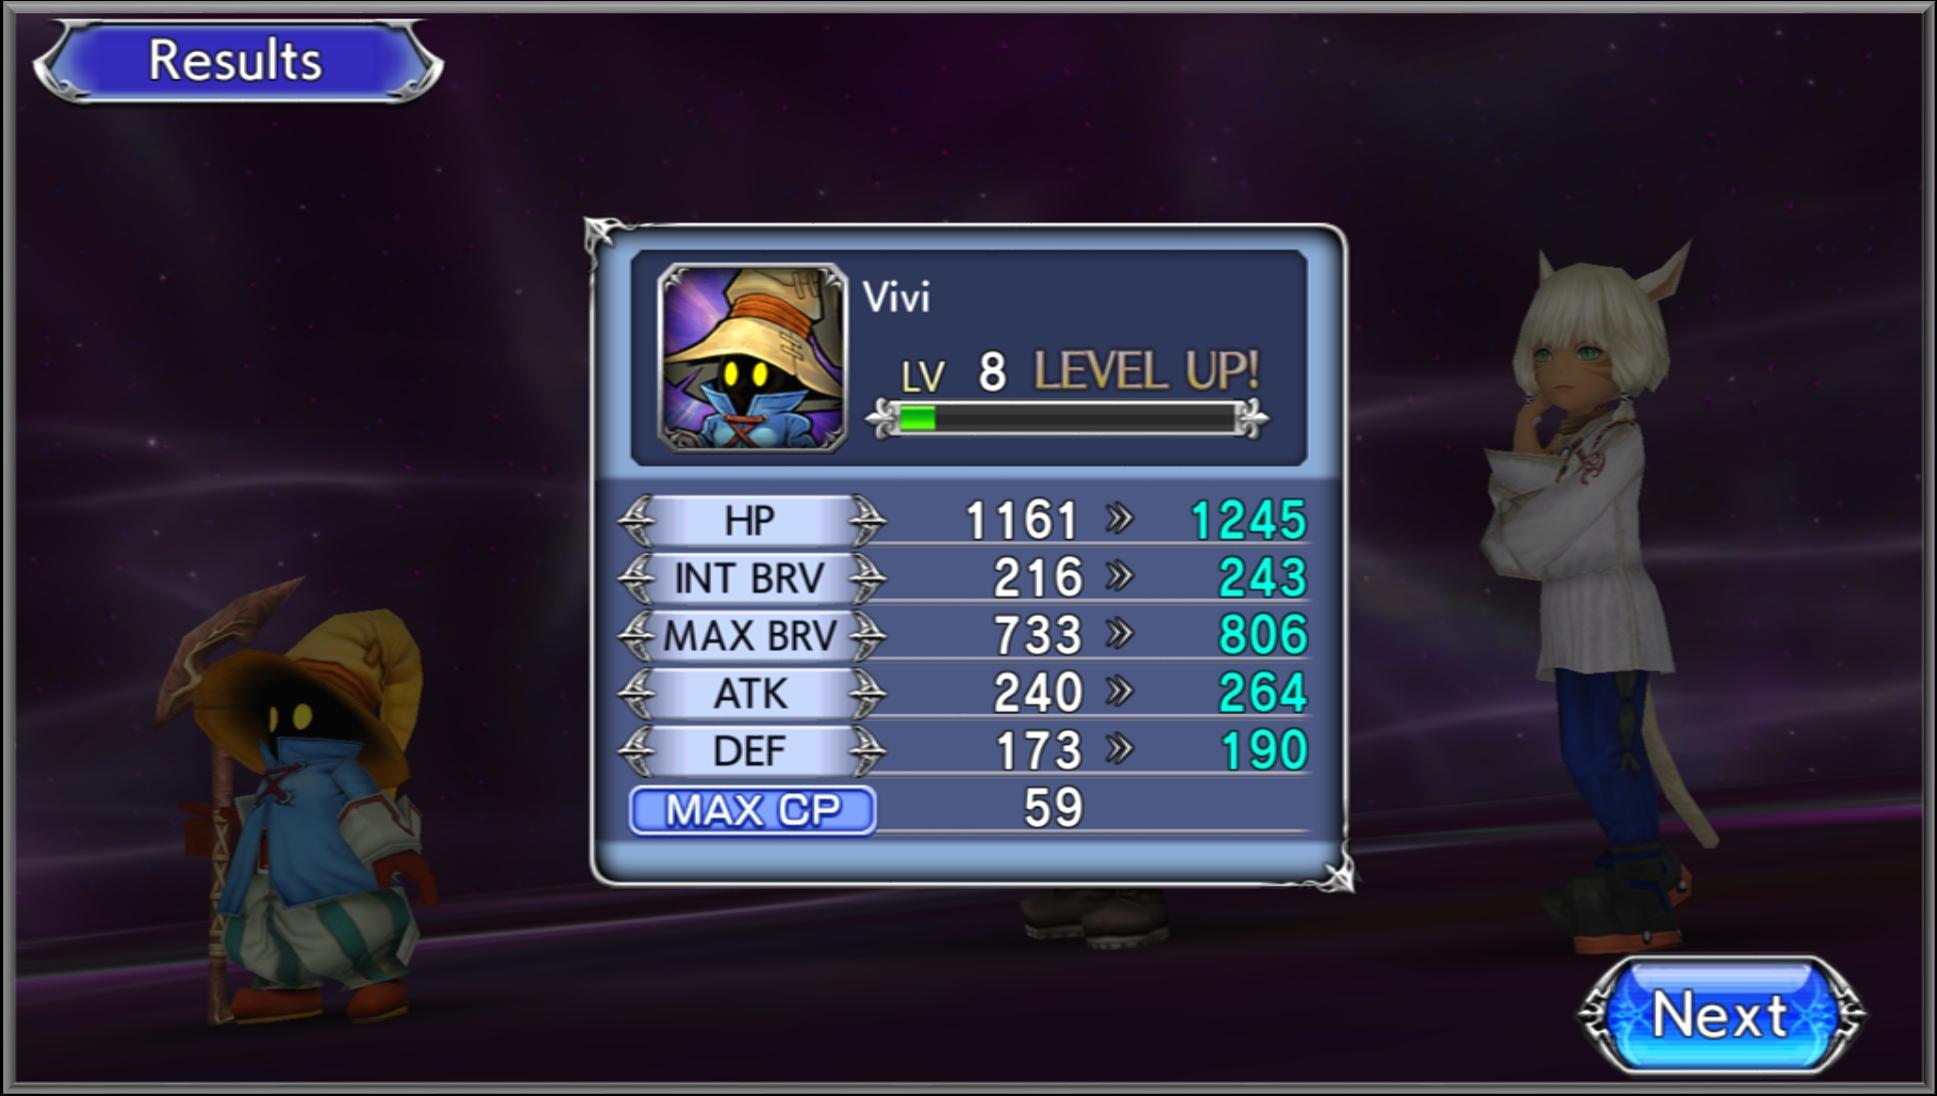 Dissidia Final Fantasy: Opera Omnia k nám dorazí koncem roku 155005